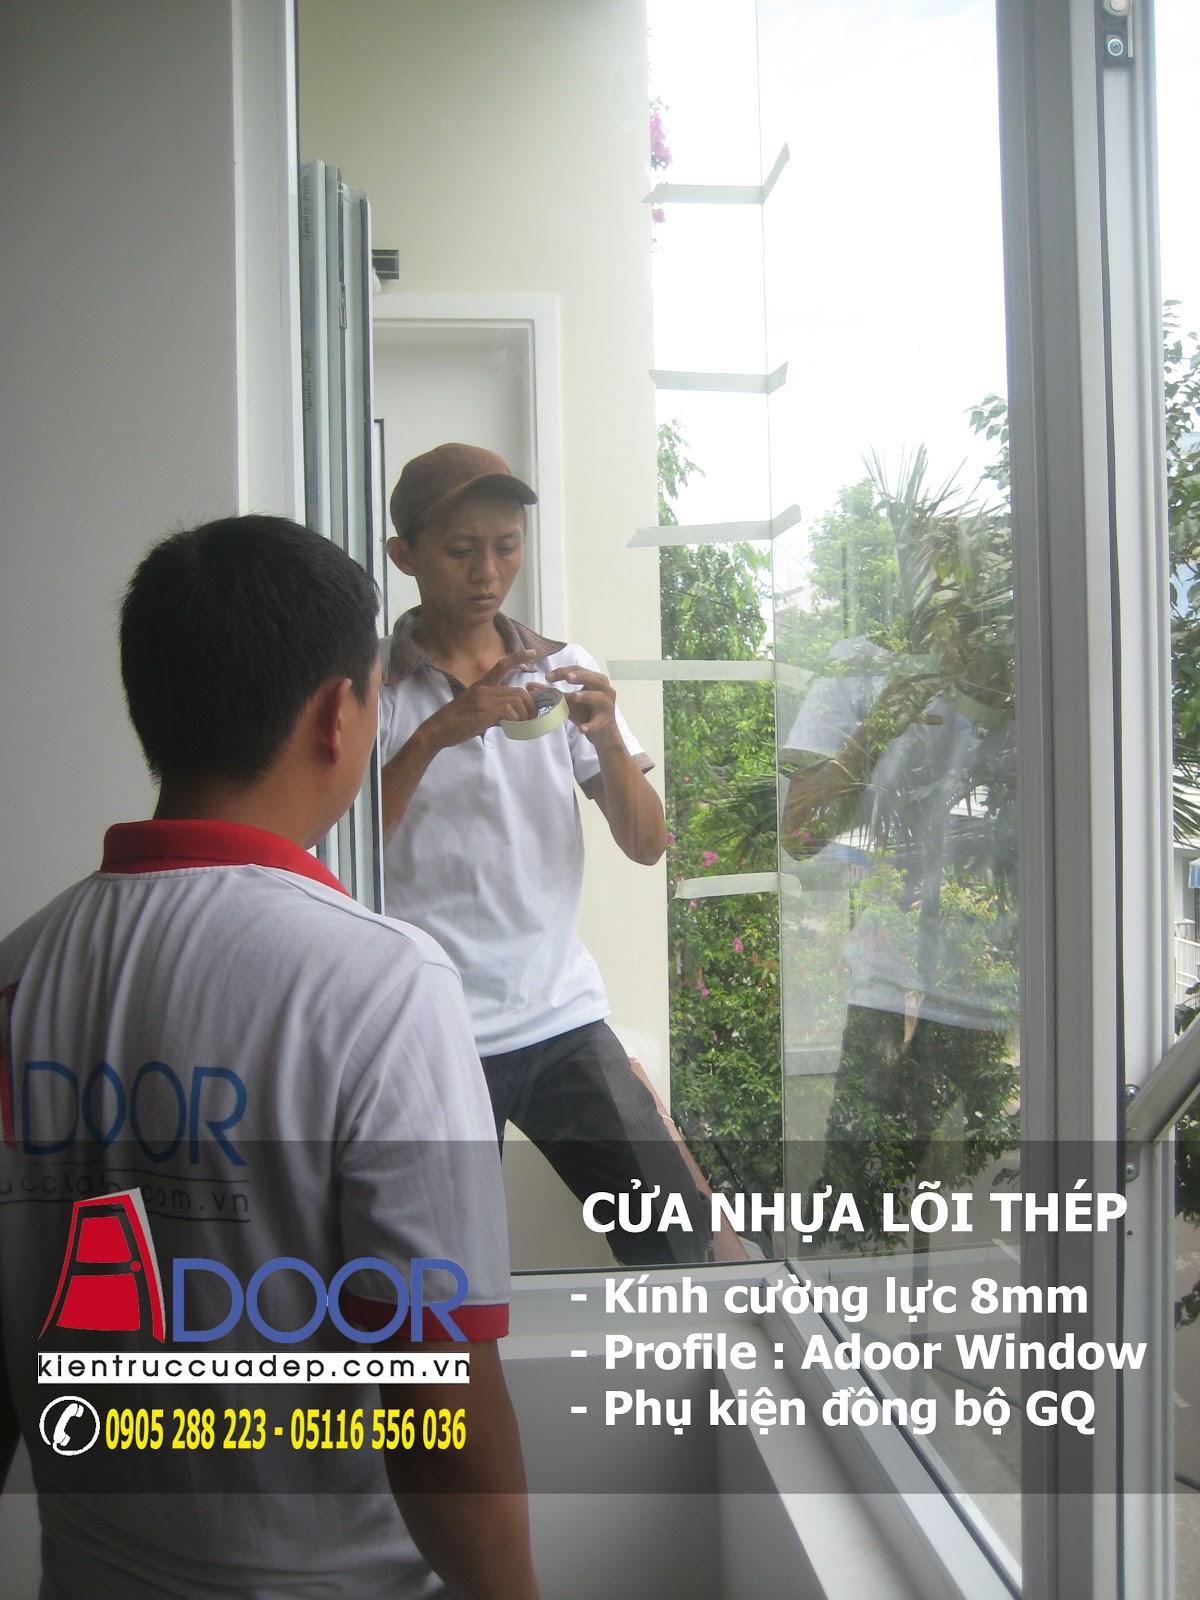 Cửa nhựa lõi thép tại Đà Nẵng, cua nhua loi thep tai da nang